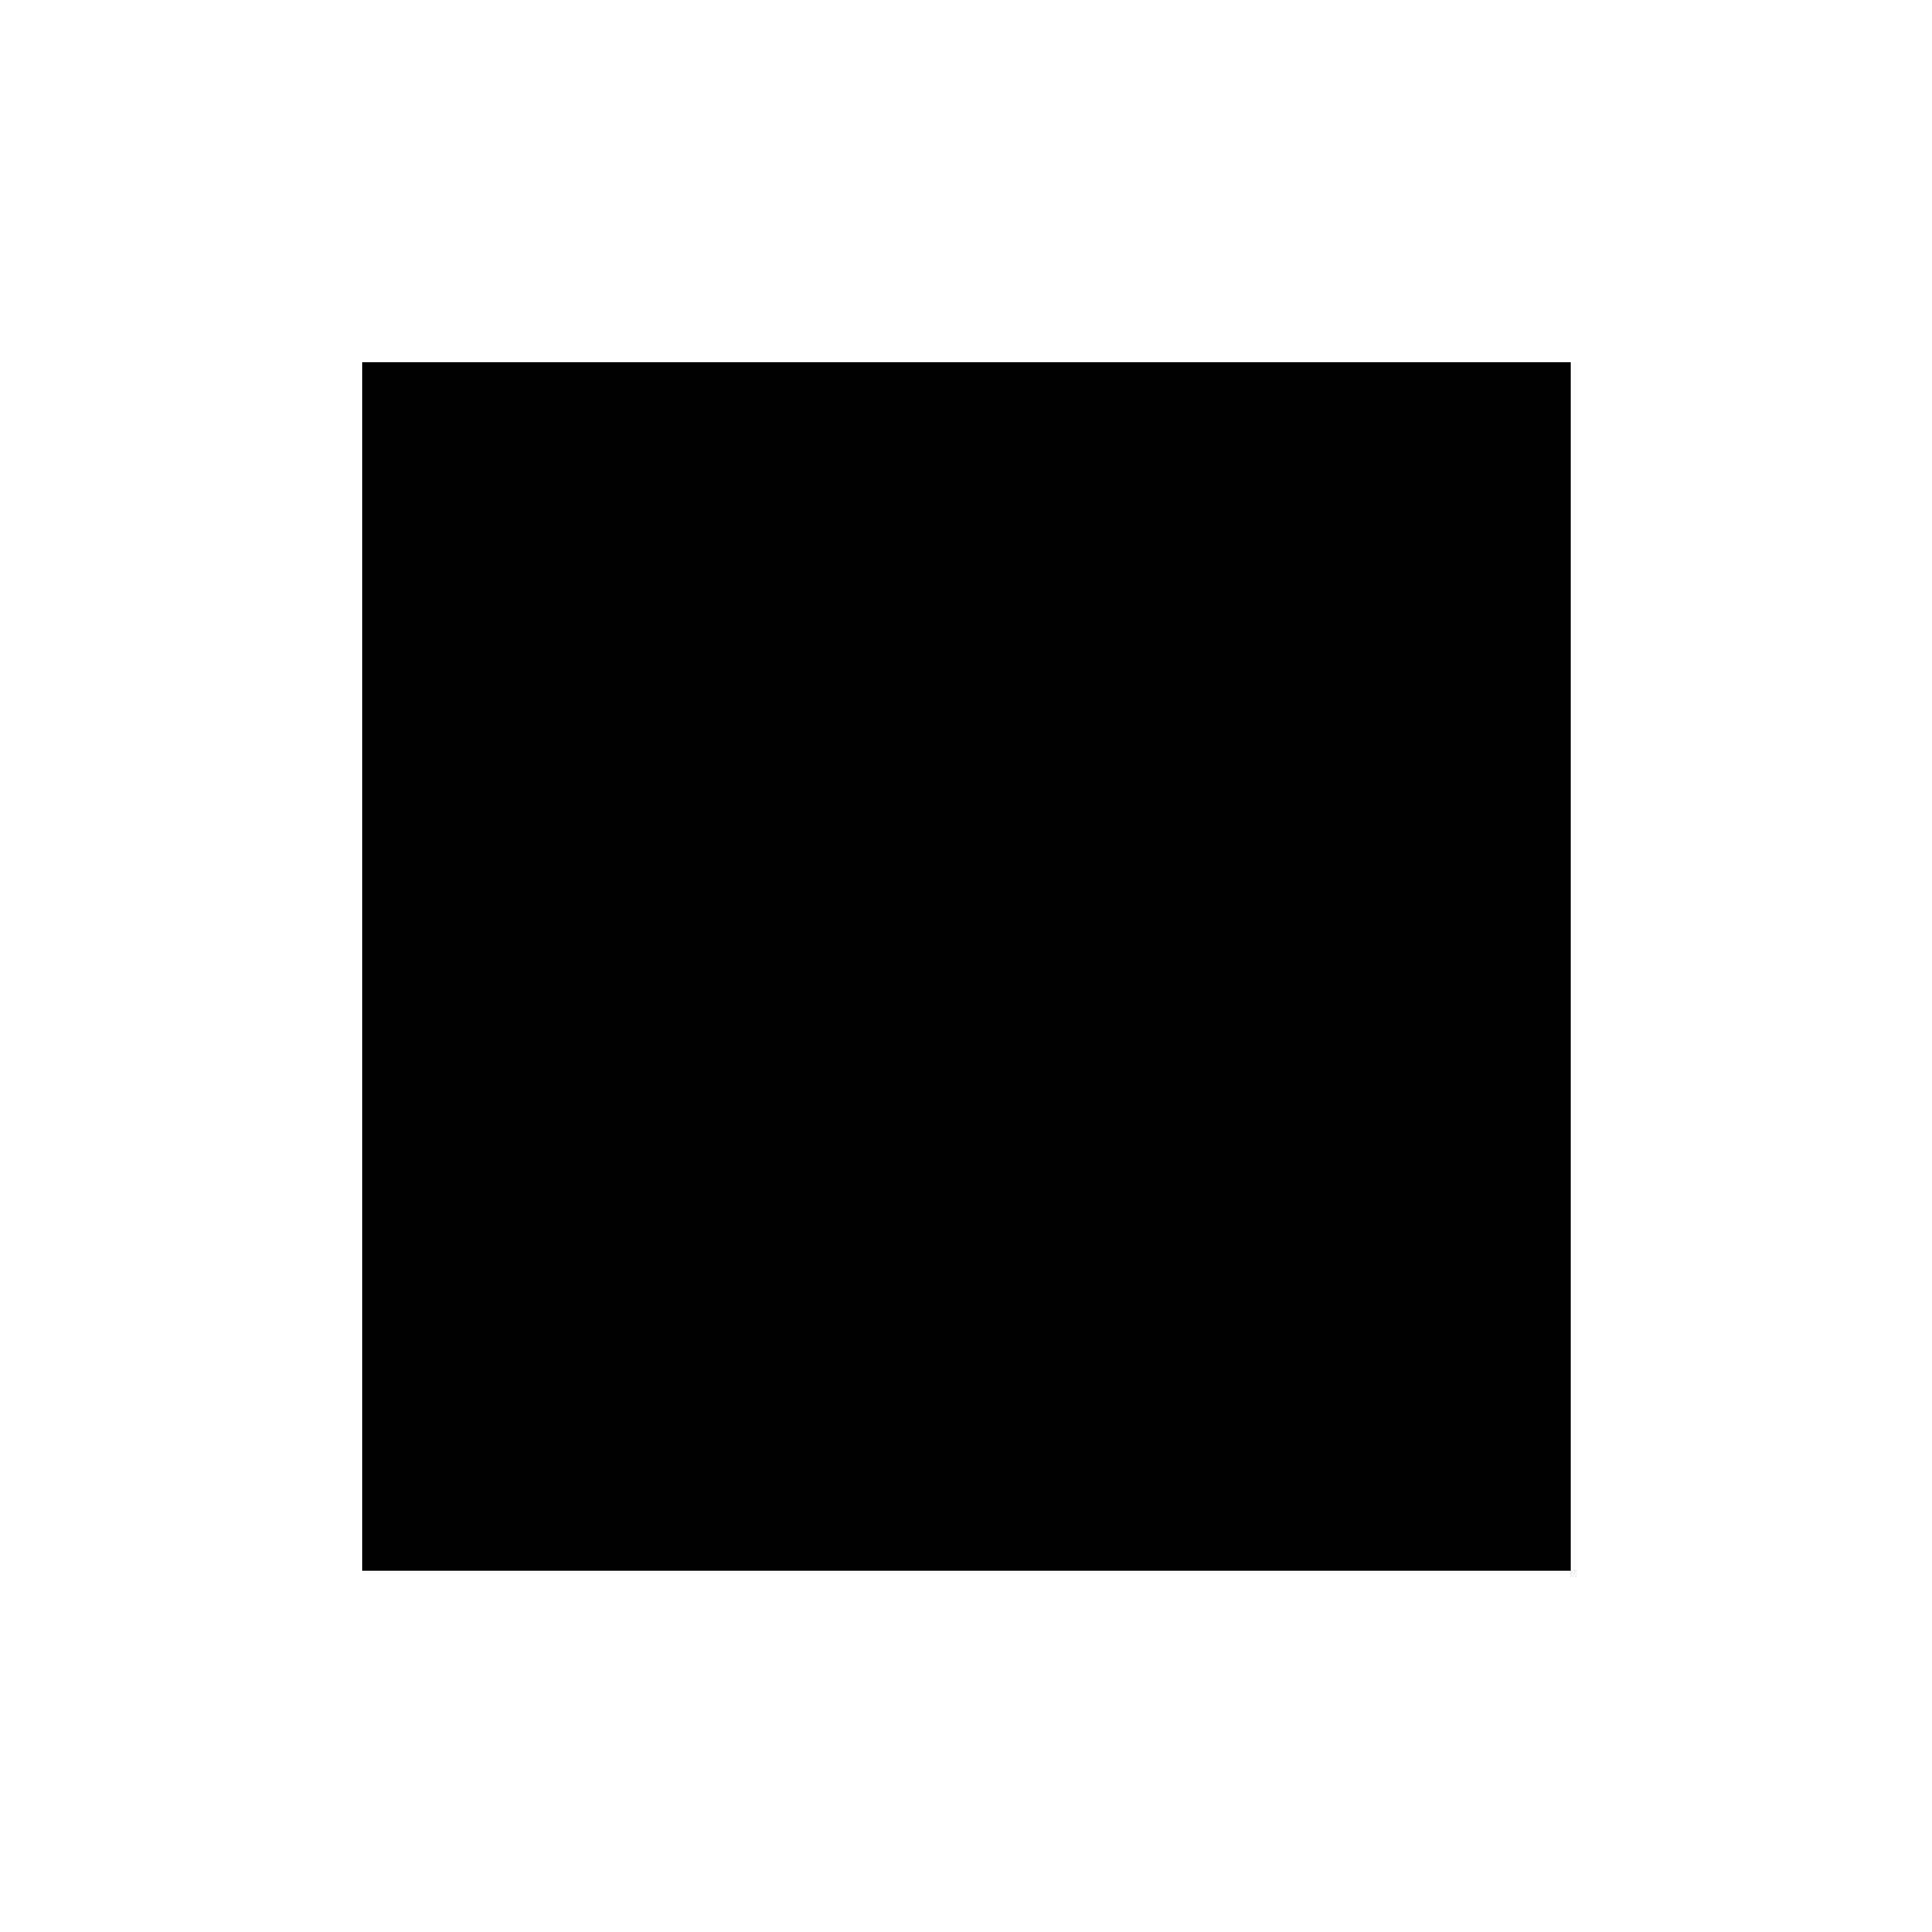 facebook, black icon